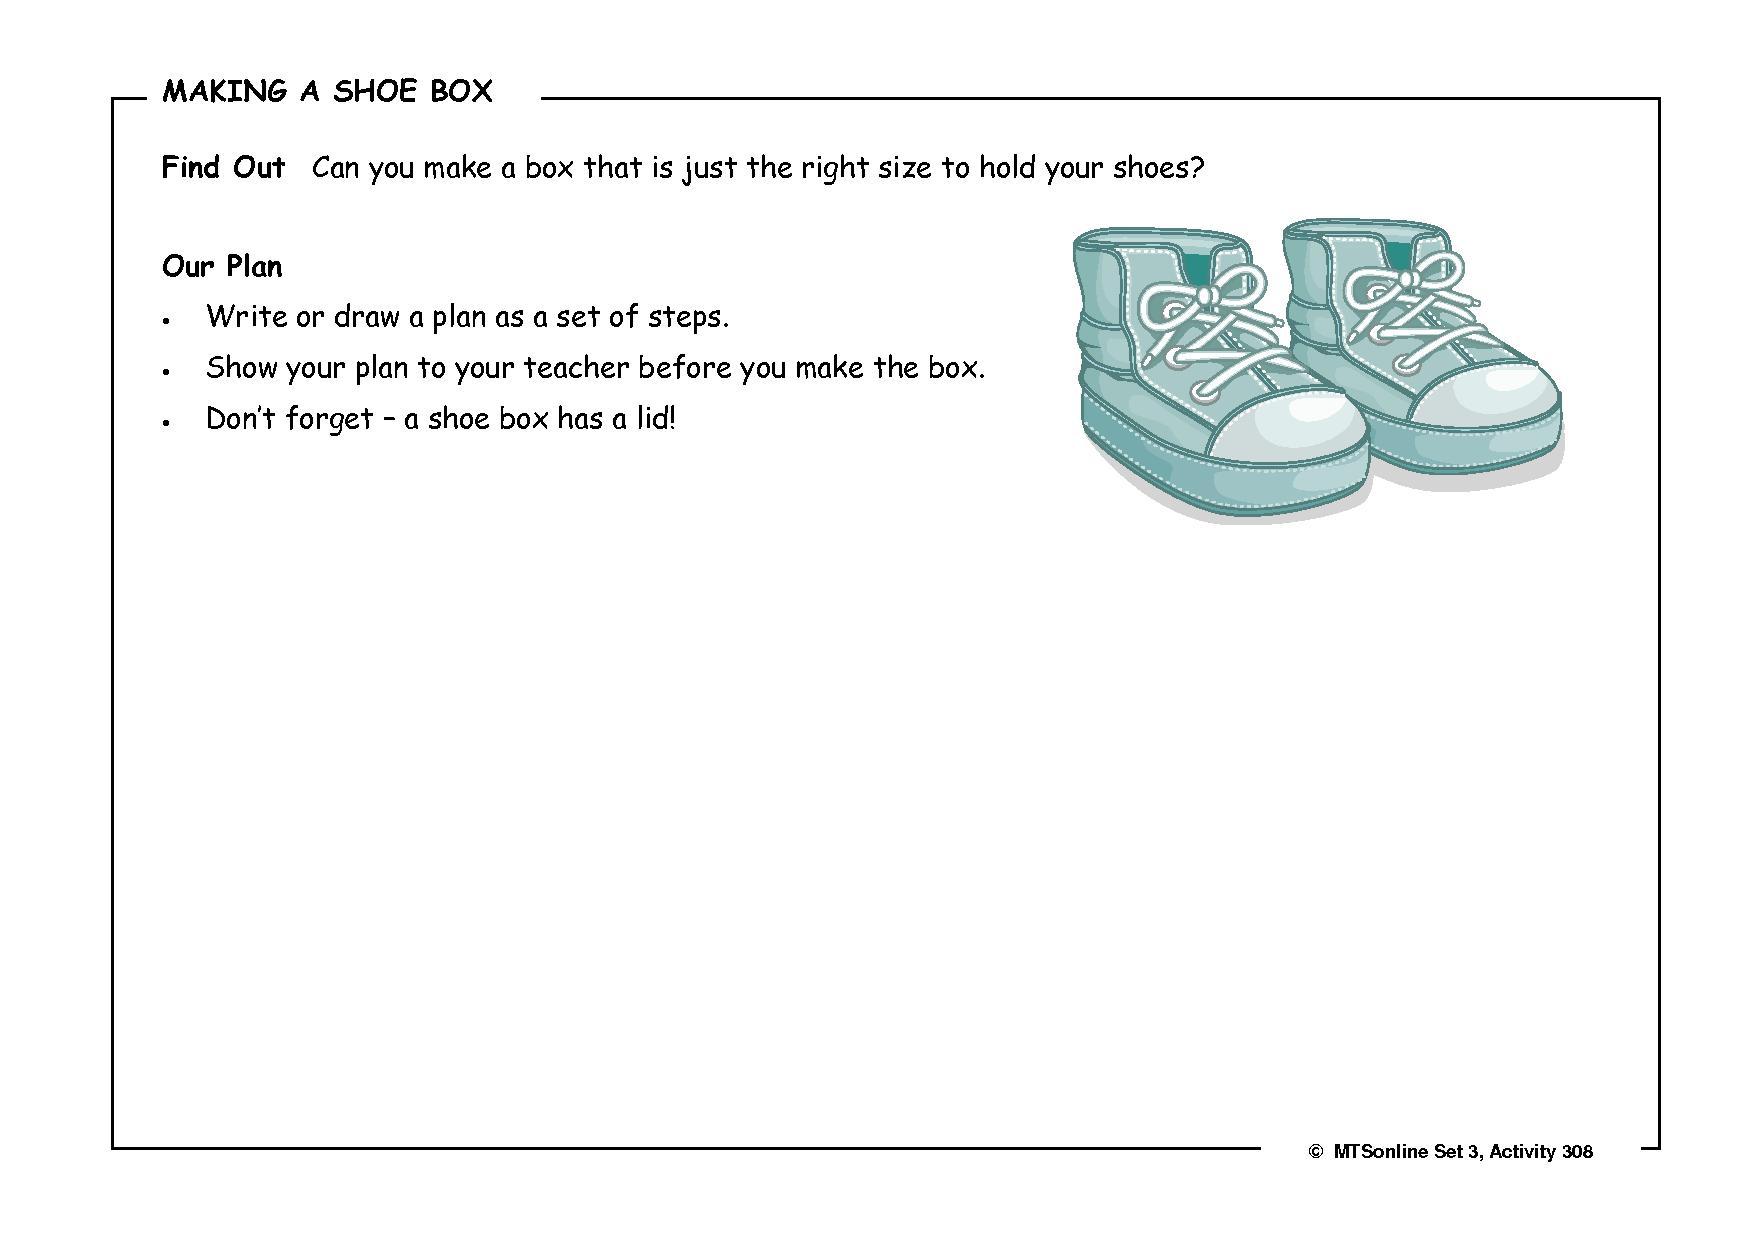 308making_a_shoe_box0001